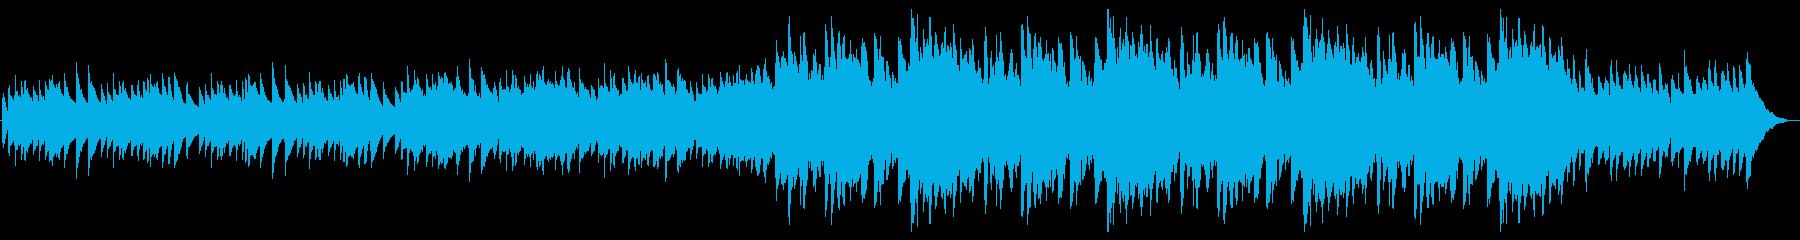 ハープが印象的な切なくて爽やかな曲の再生済みの波形